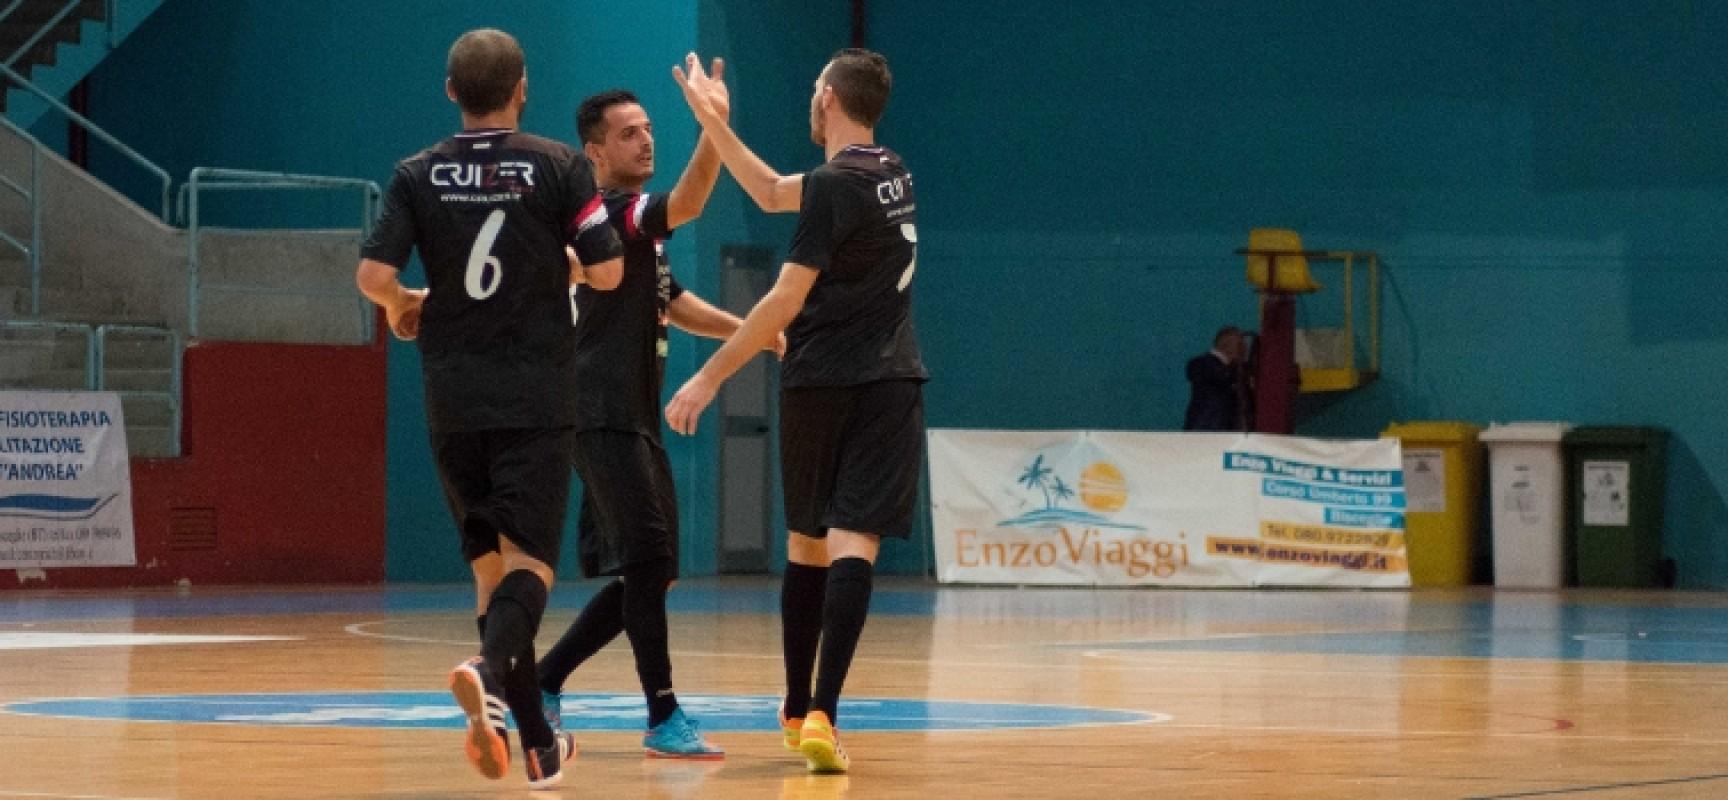 Futsal, Serie C1: Diaz contro il fanalino Carovigno, Nettuno ospita il Volare Polignano